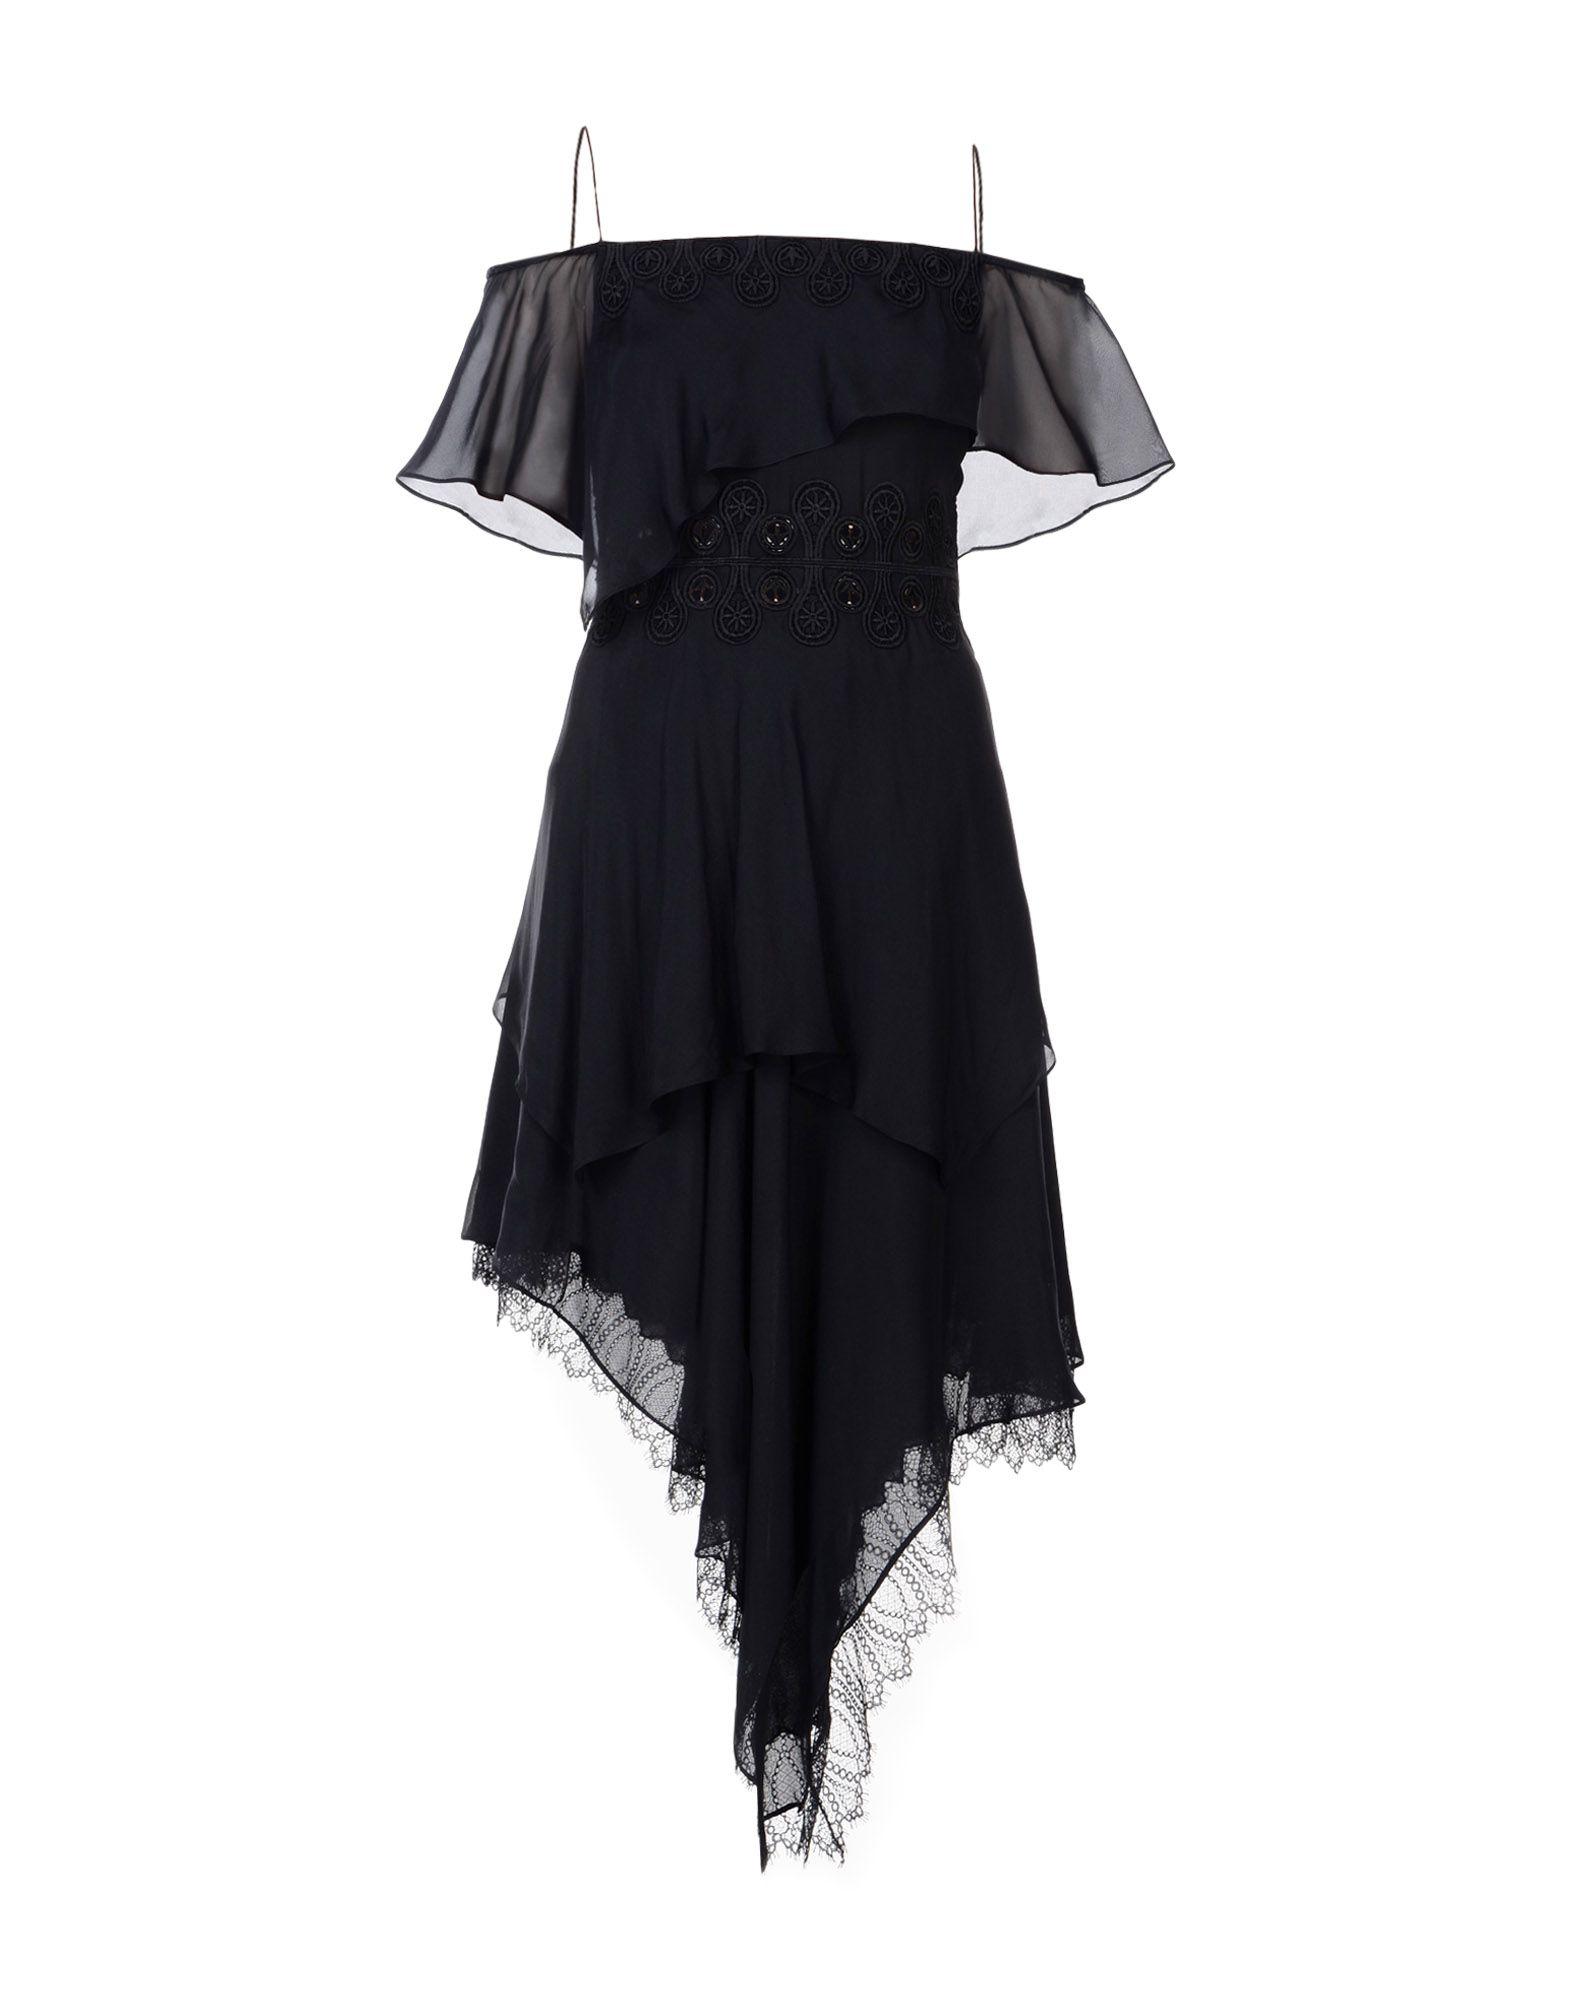 JONATHAN SIMKHAI Платье до колена платье без рукавов с кружевной вставкой на спинке